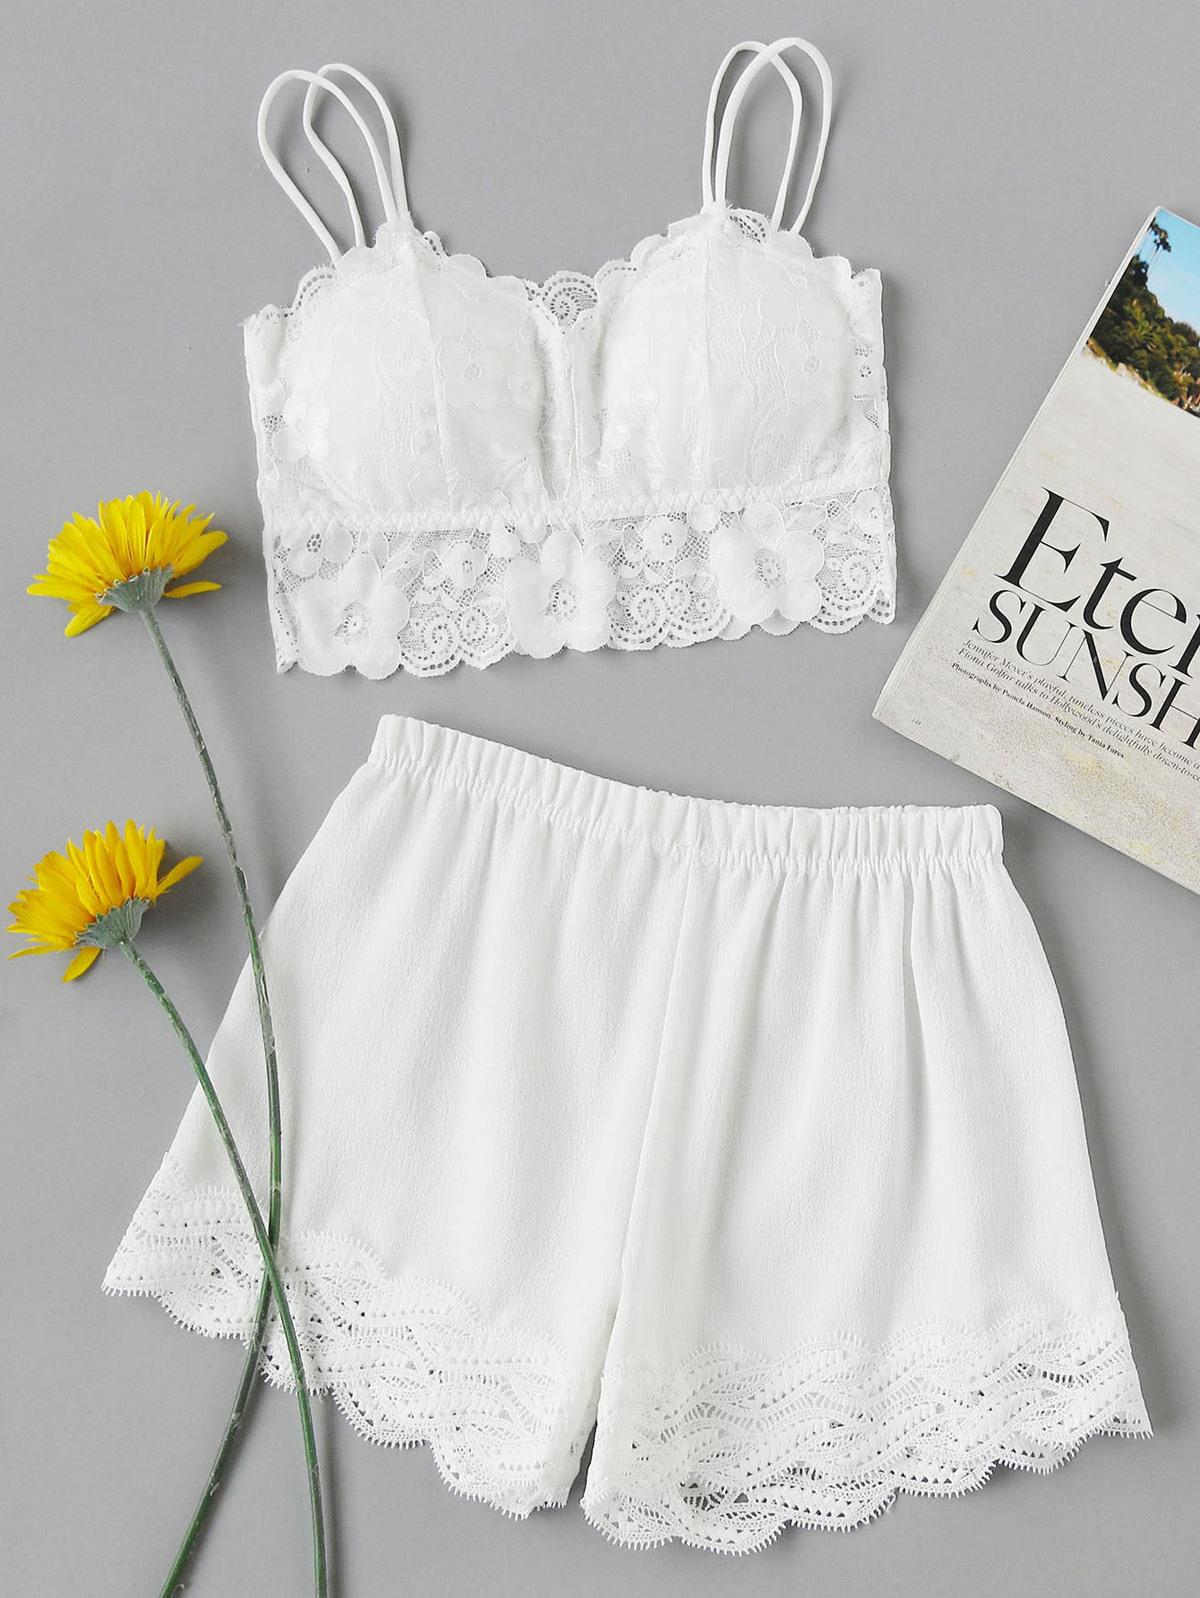 花樣蕾絲 覆蓋 扇形 裝飾 睡衣褲組